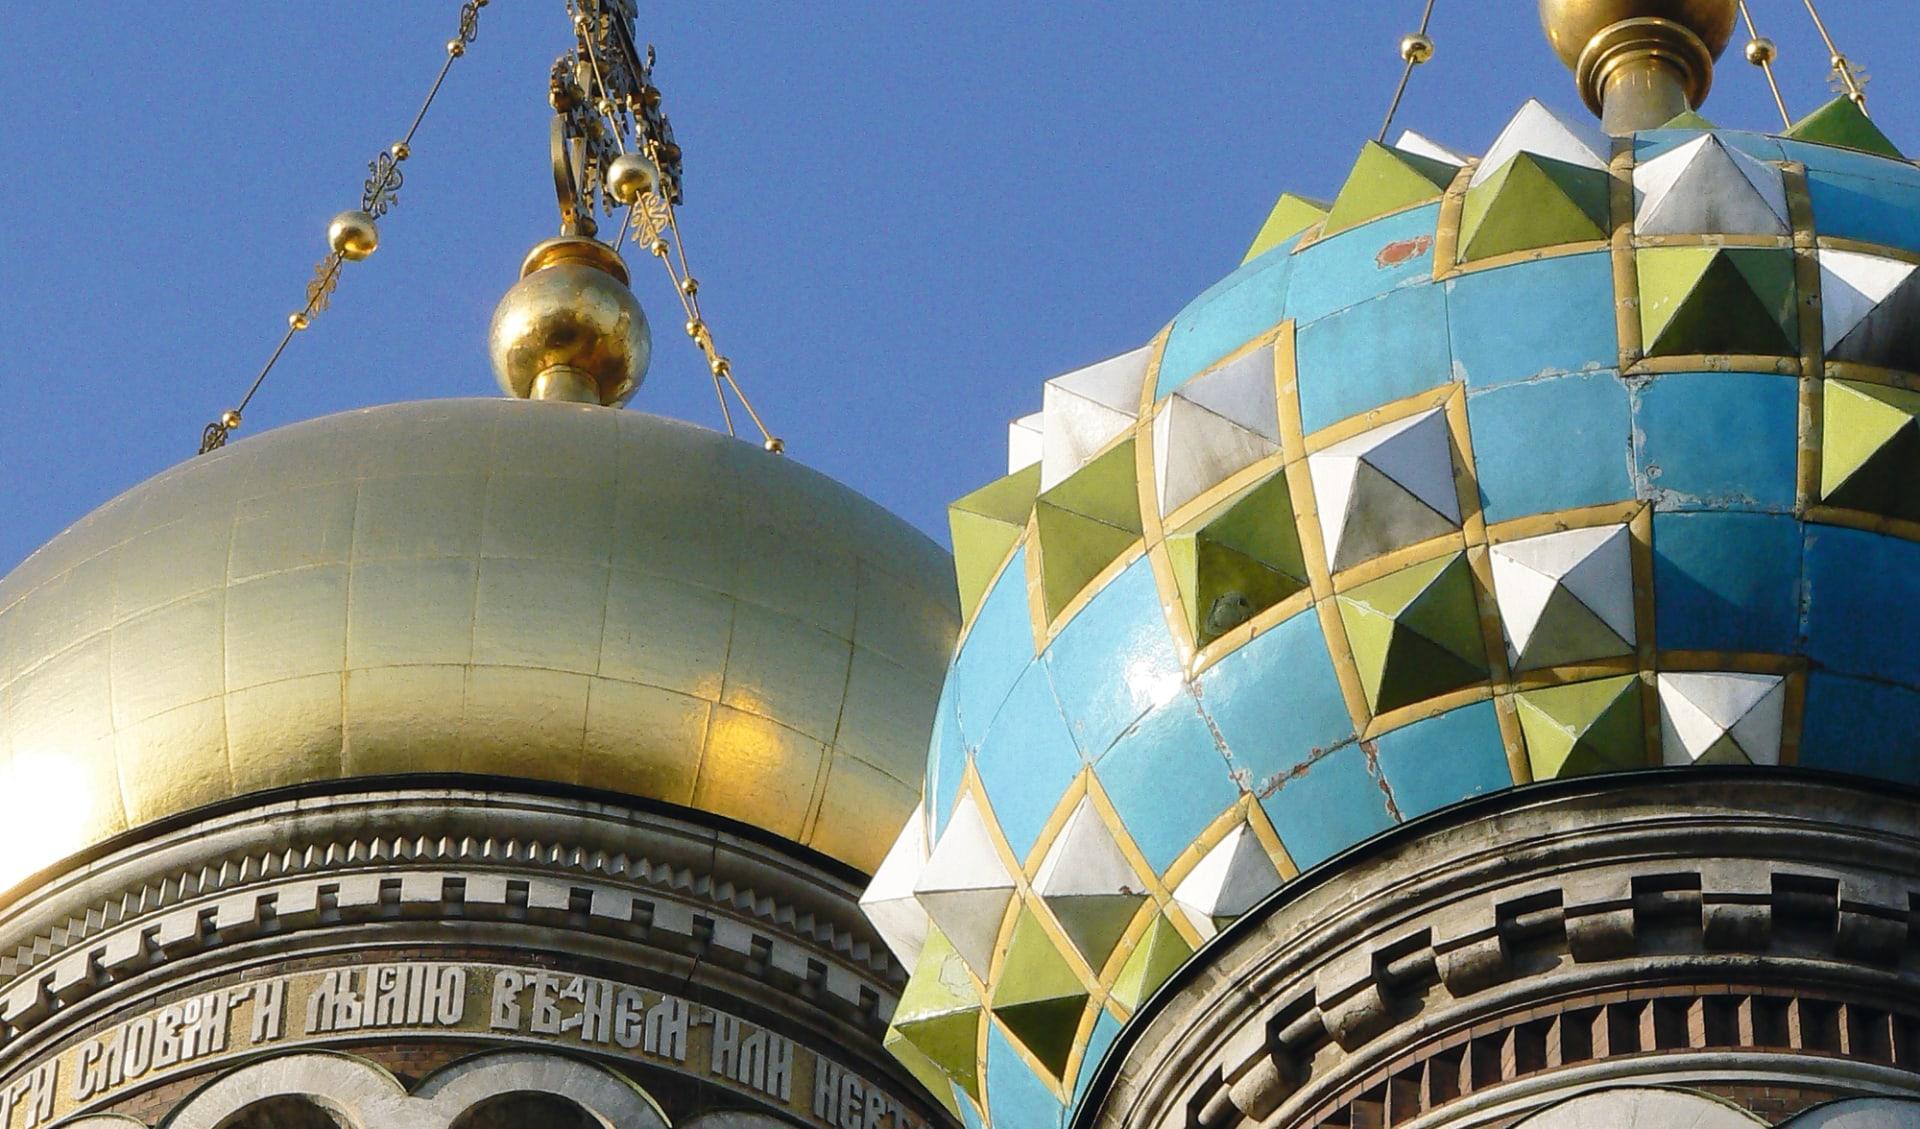 Historisches Russland ab Moskau: Historisches Russland_Auferstehungskirche